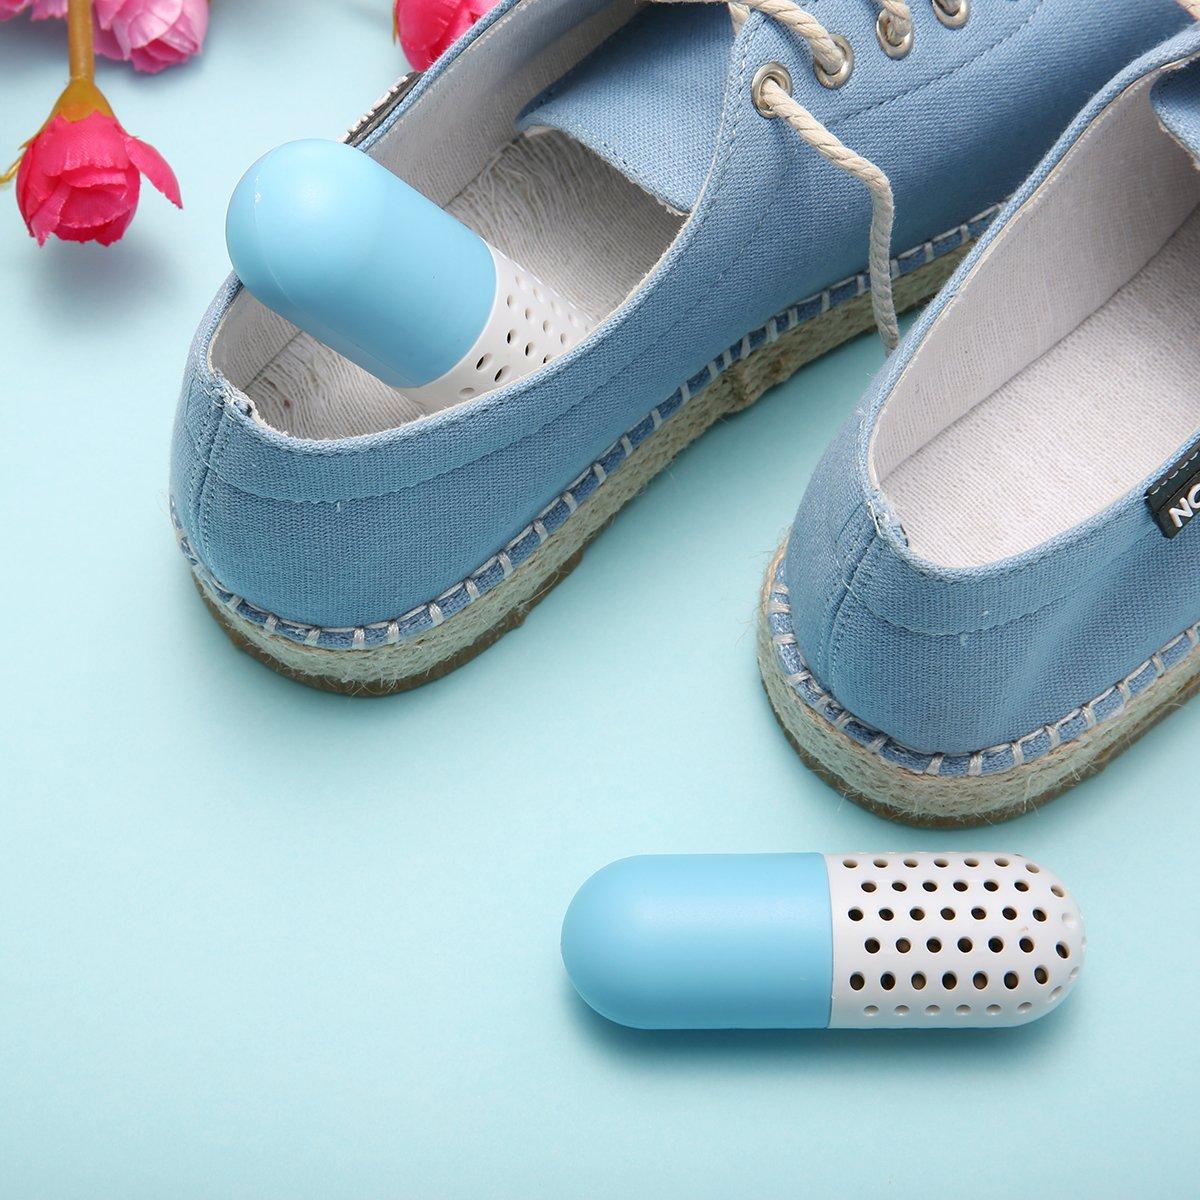 Camfosy Désodorisants pour Chaussures, Lot de 2 Déodorants Éliminateur Purificateur Absorbeur d\'Odeurs etd\'Humidité Naturel pour Chaussures Sac Tiroir Armoir Voiture GantsdeBoxe - Paquet de 2pcs